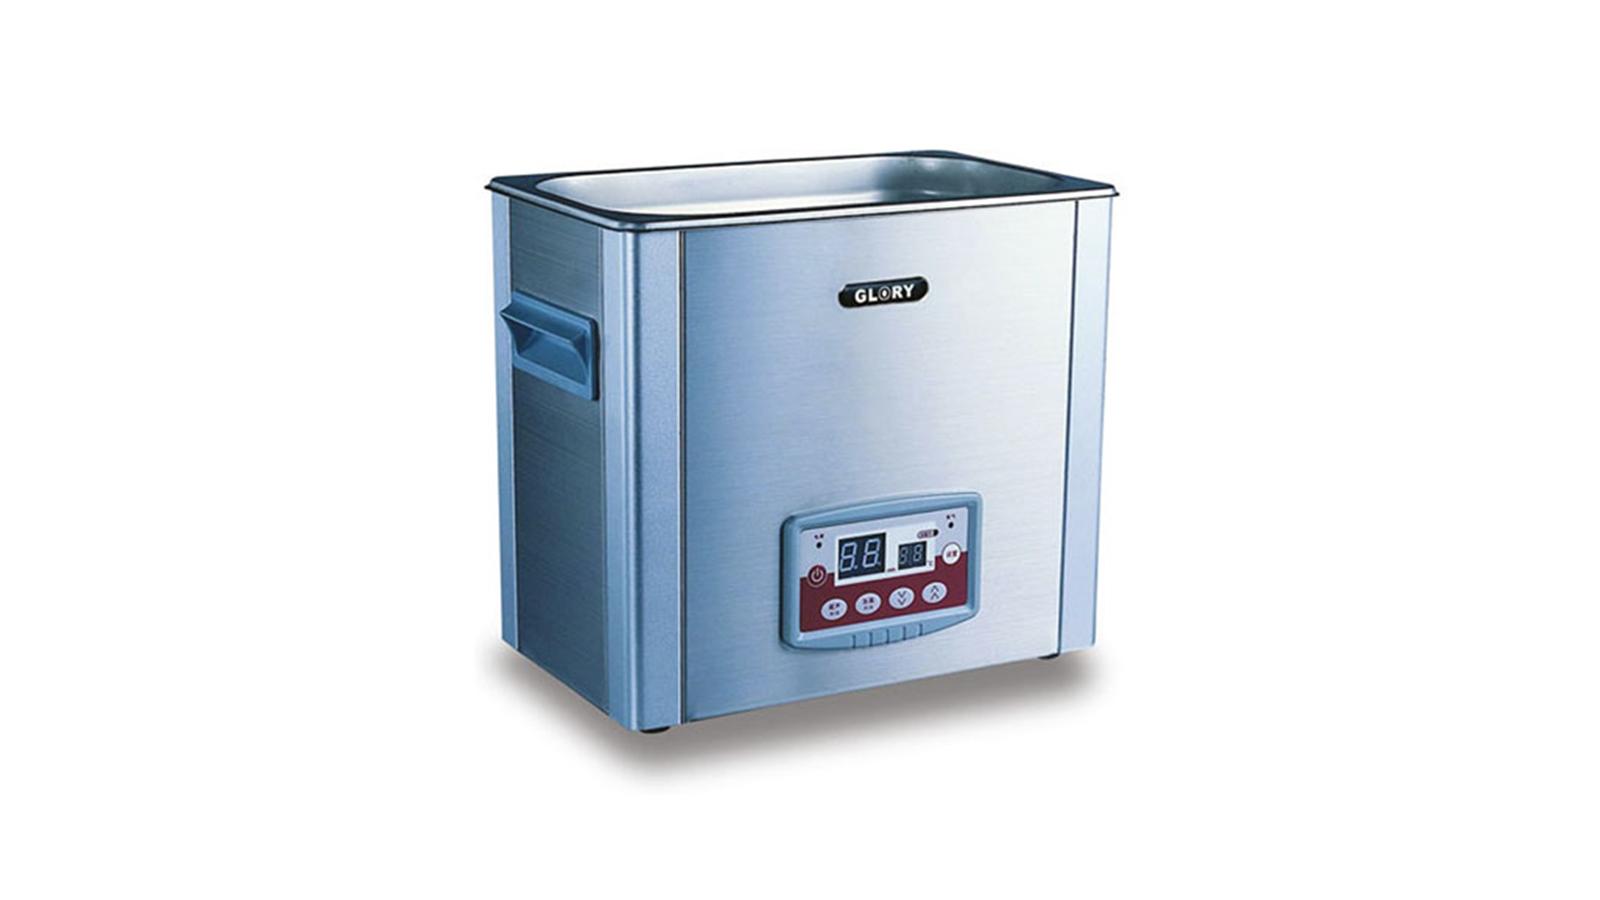 SK Serisi 53kHz Degassing Özellikli Glory Isıtmalı Ultrasonik Banyolar || Merlab Laboratuvar Ekipmanları